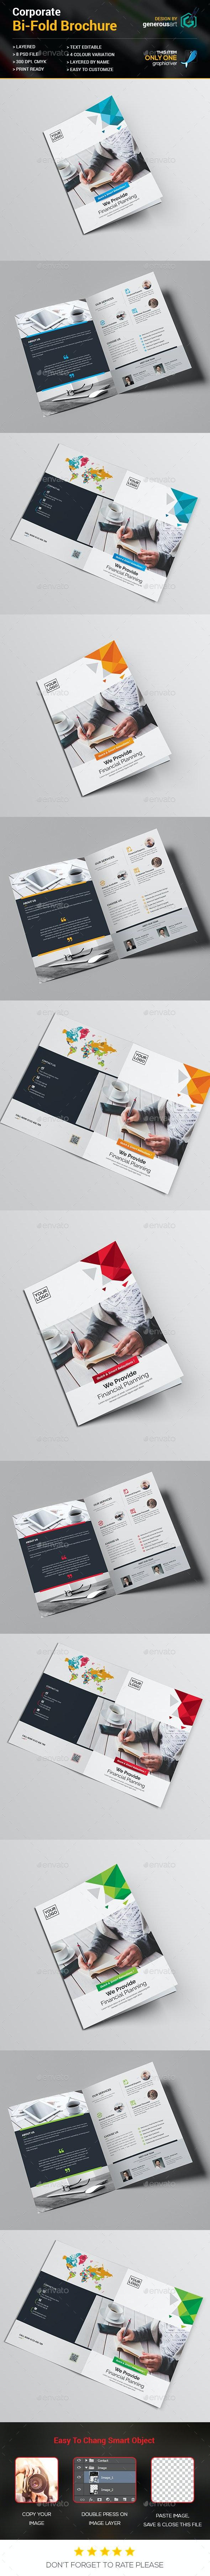 Pro Bi-Fold Business Brochure - Corporate Brochures